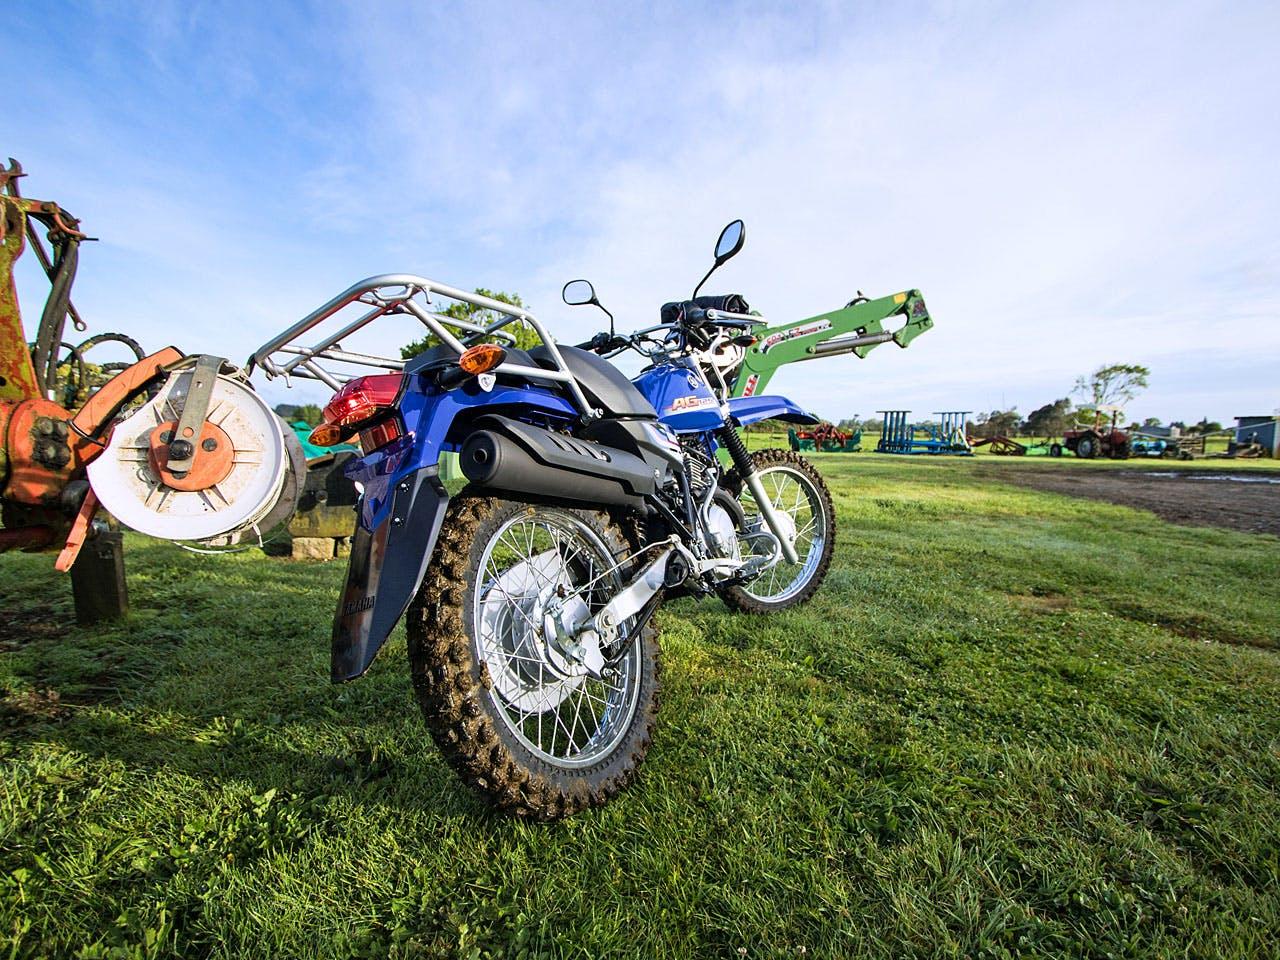 Yamaha AG125 motorcycle on a farm